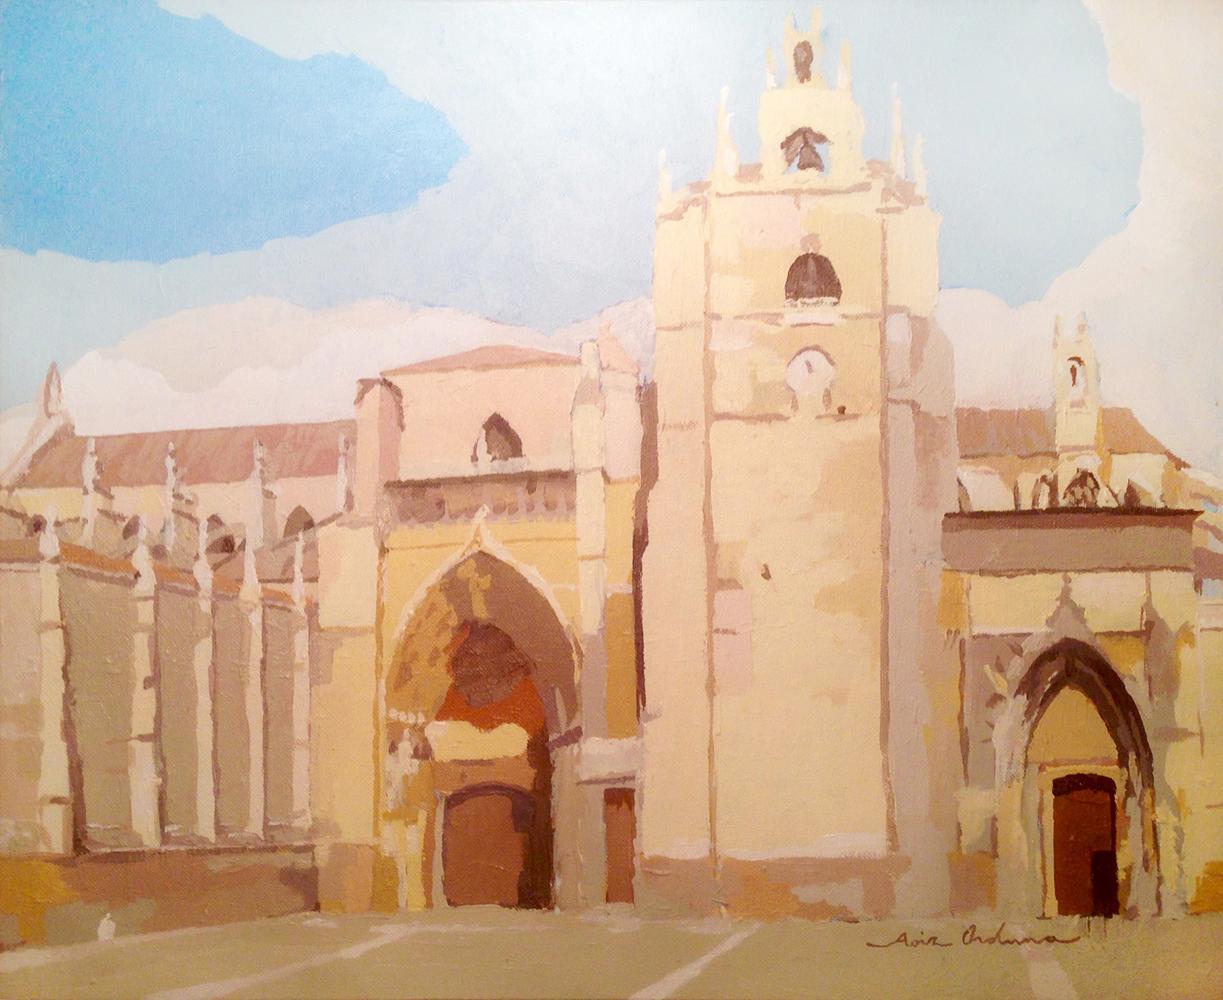 SAN ANTOLíN (Palencia), acrílico/lienzo, 38x46 cm